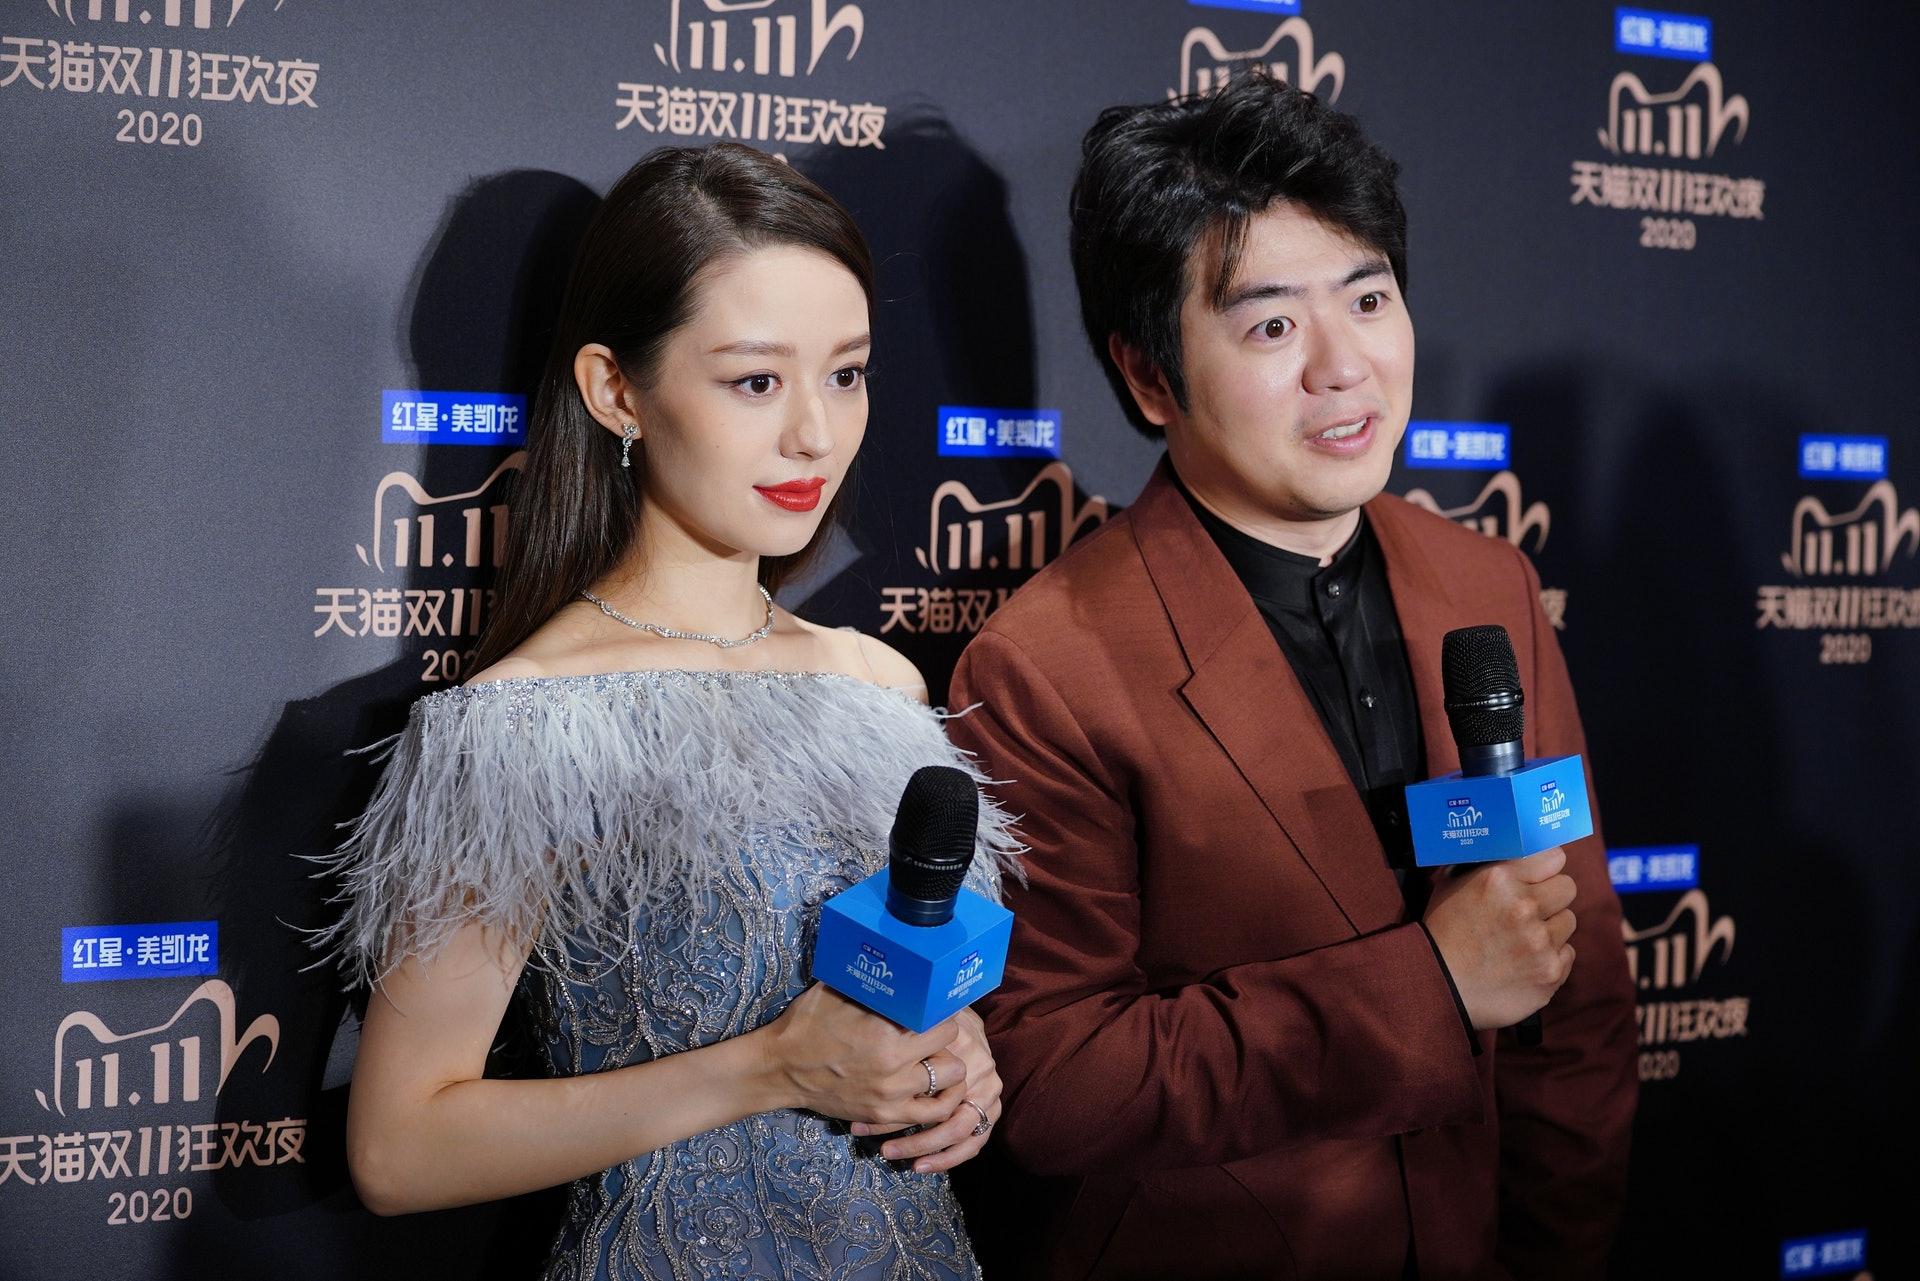 郎朗帶同老婆吉娜愛麗絲一起出席活動。(視覺中國)